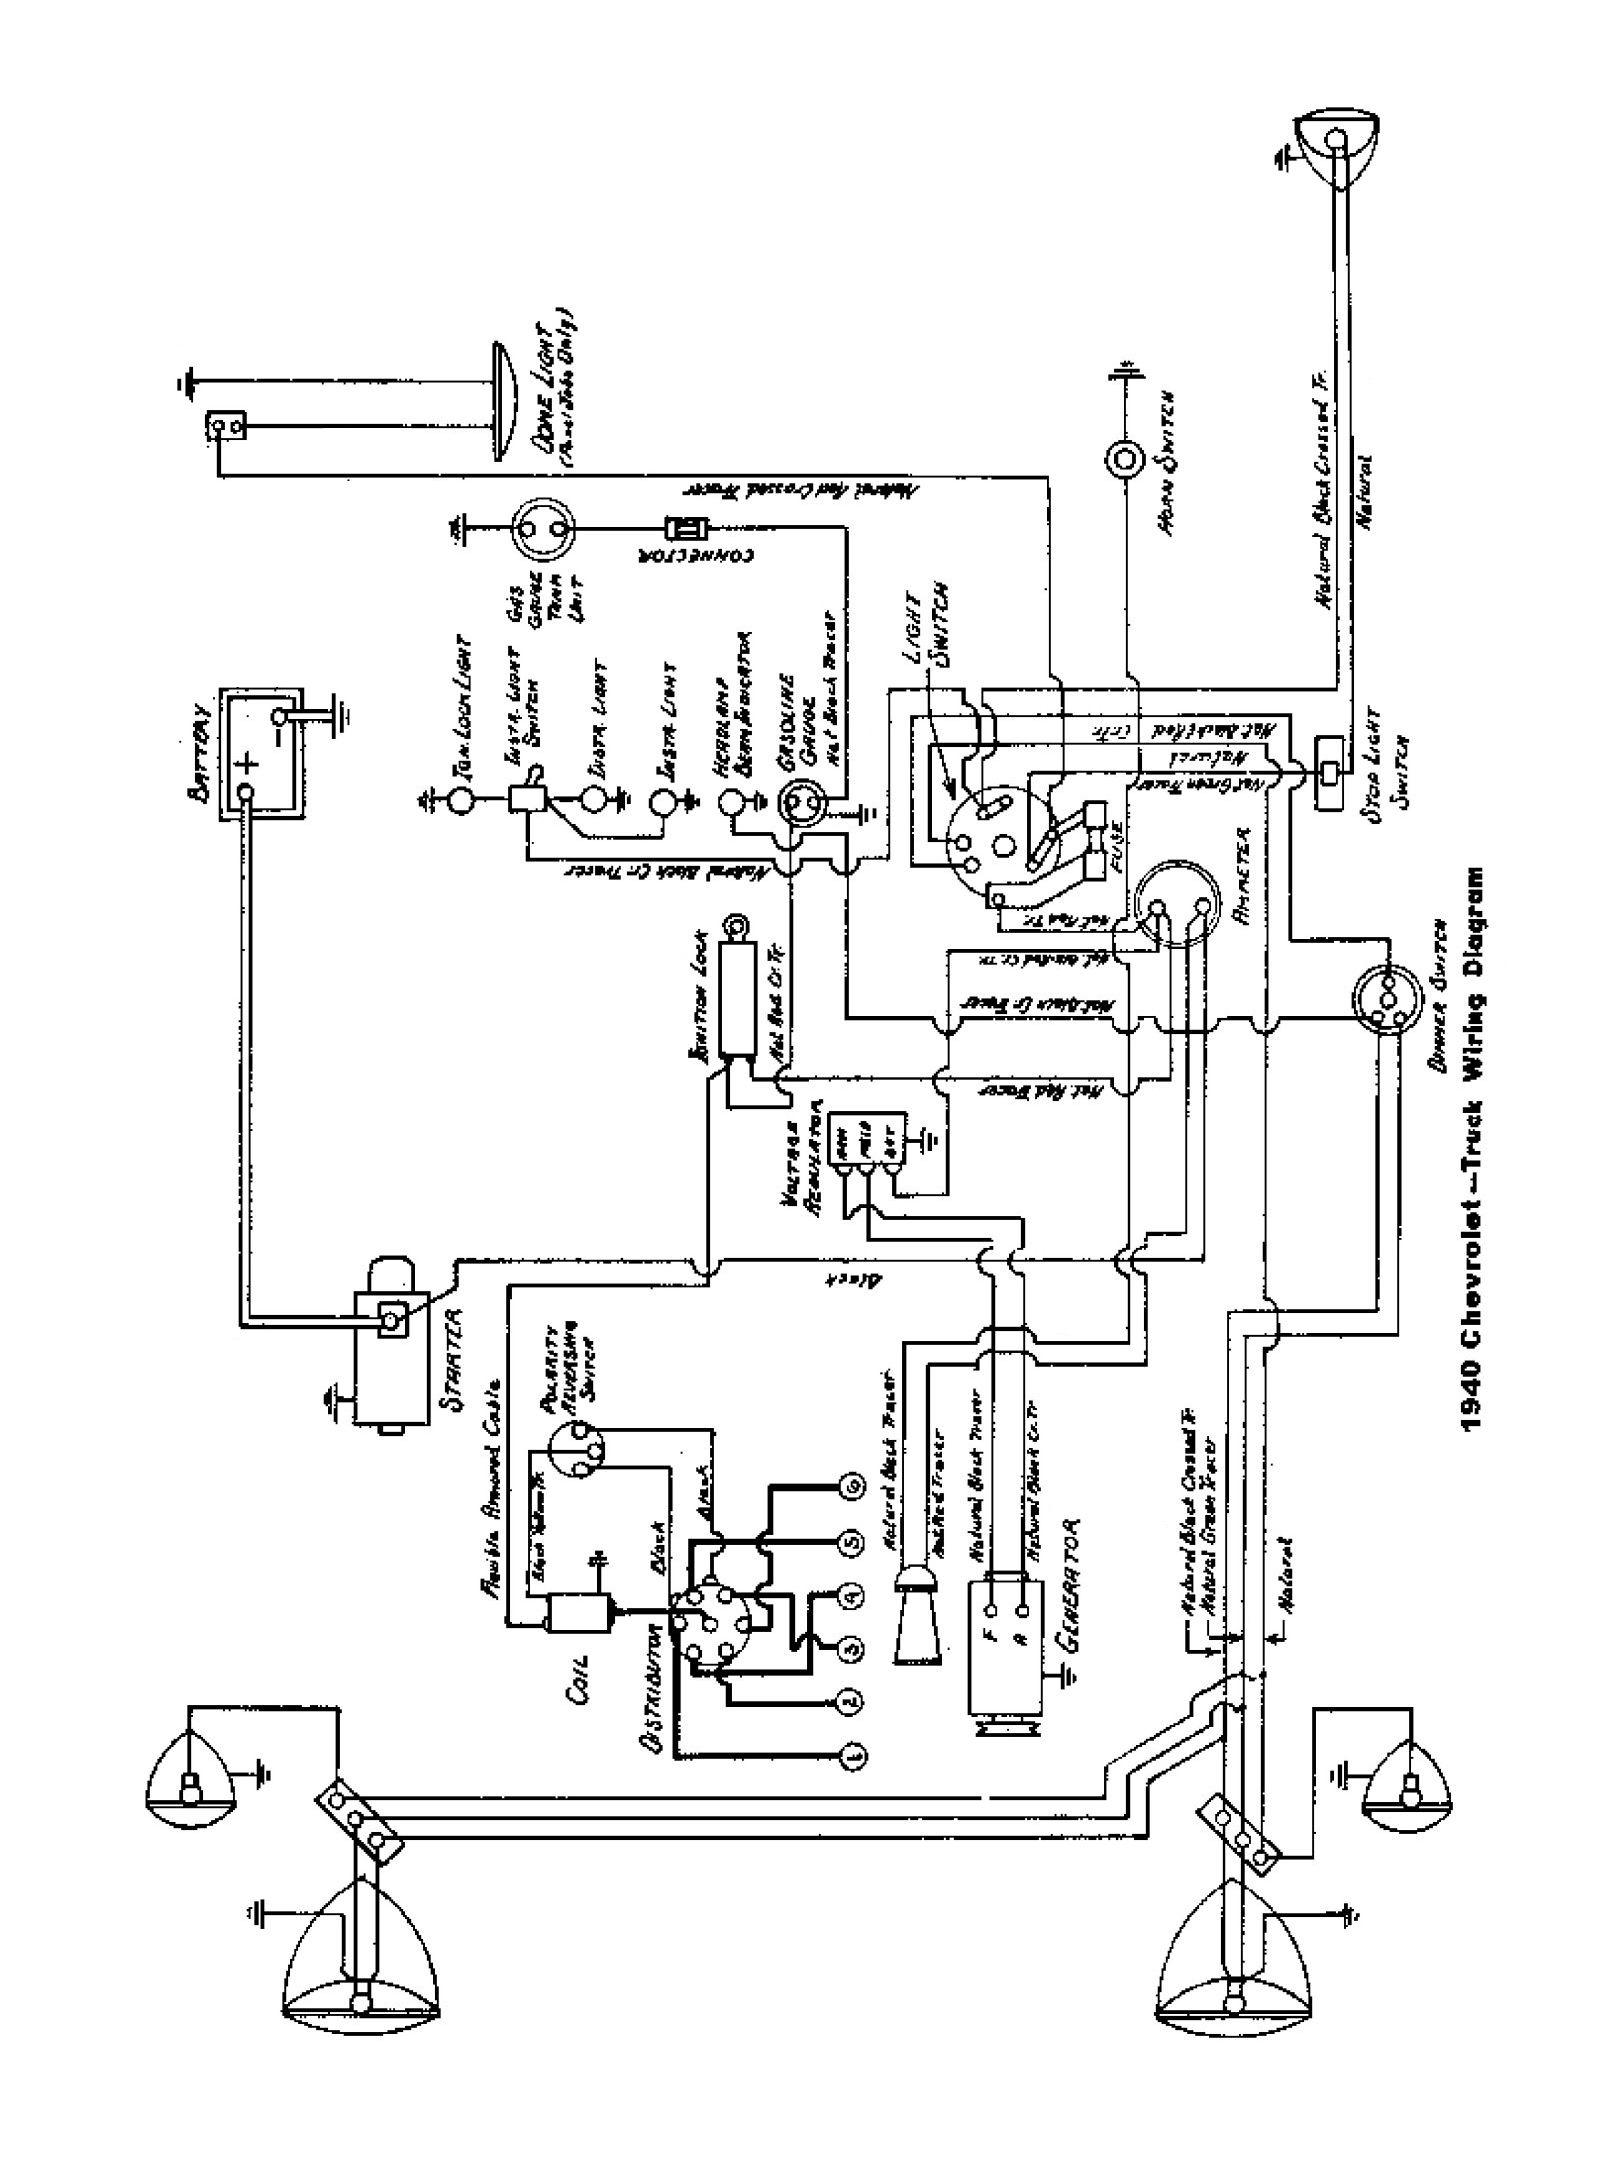 epiphone sg g 400 wiring diagram: epiphone sgg 400 wiring diagram ls fuse  box diagram